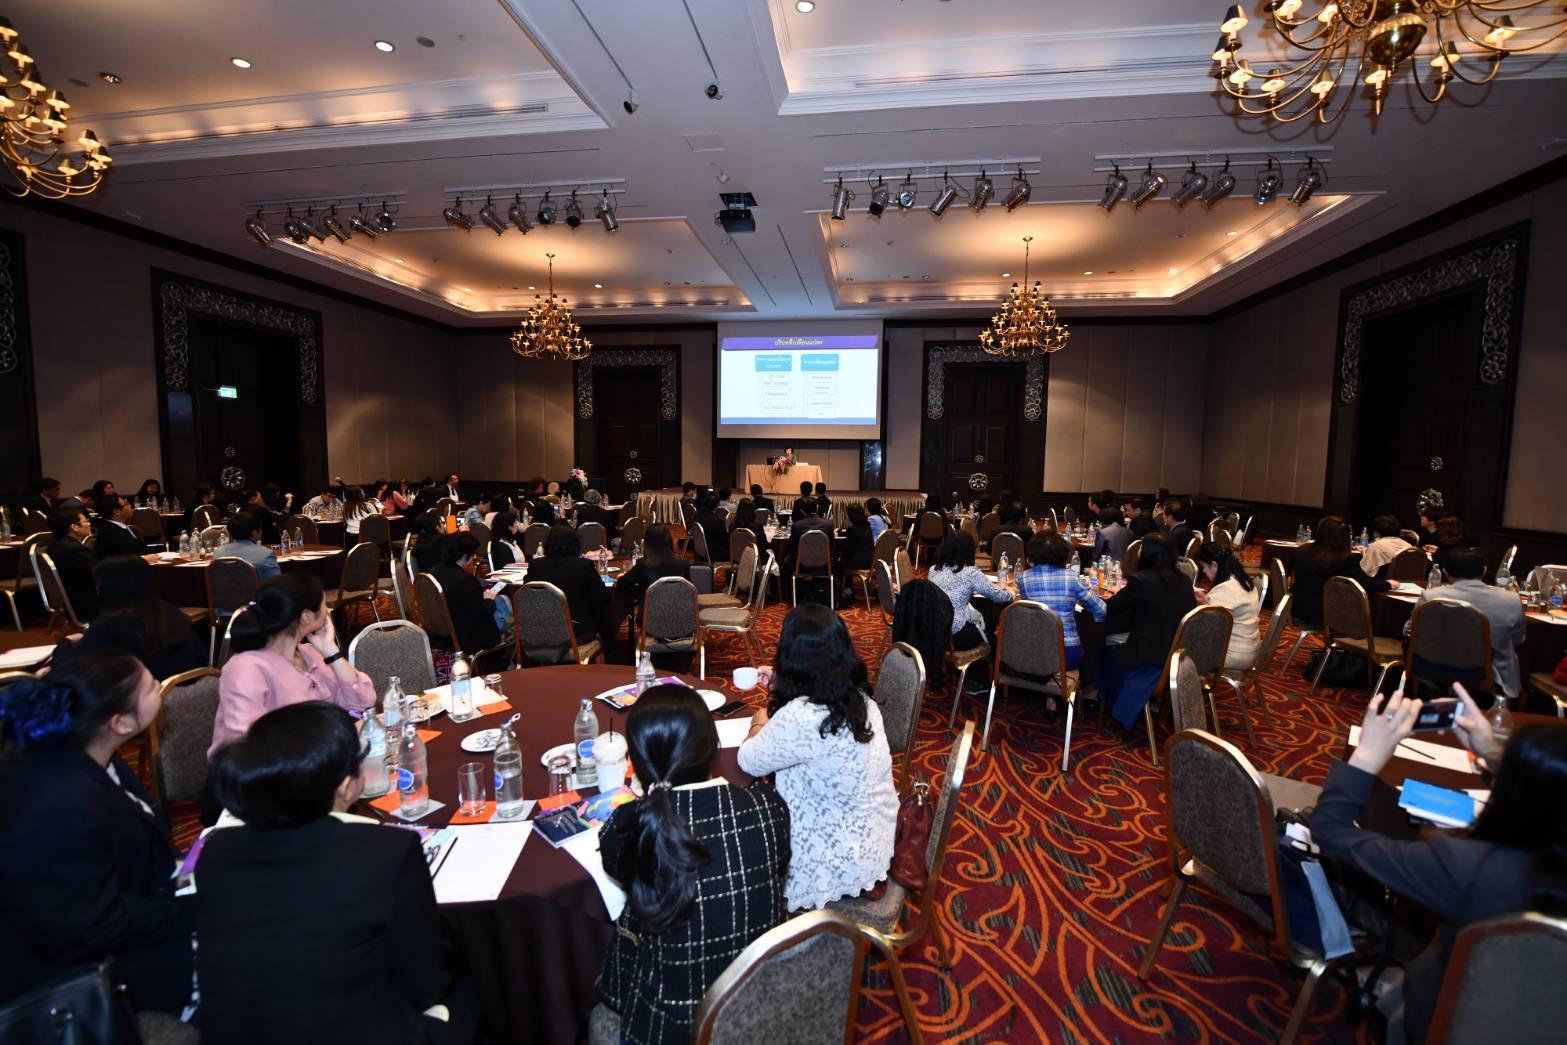 610806 รอง กต ประชุมผู้บริหารระดับสูงที่รับผิดชอบงานด้านต่างประเทศ 8